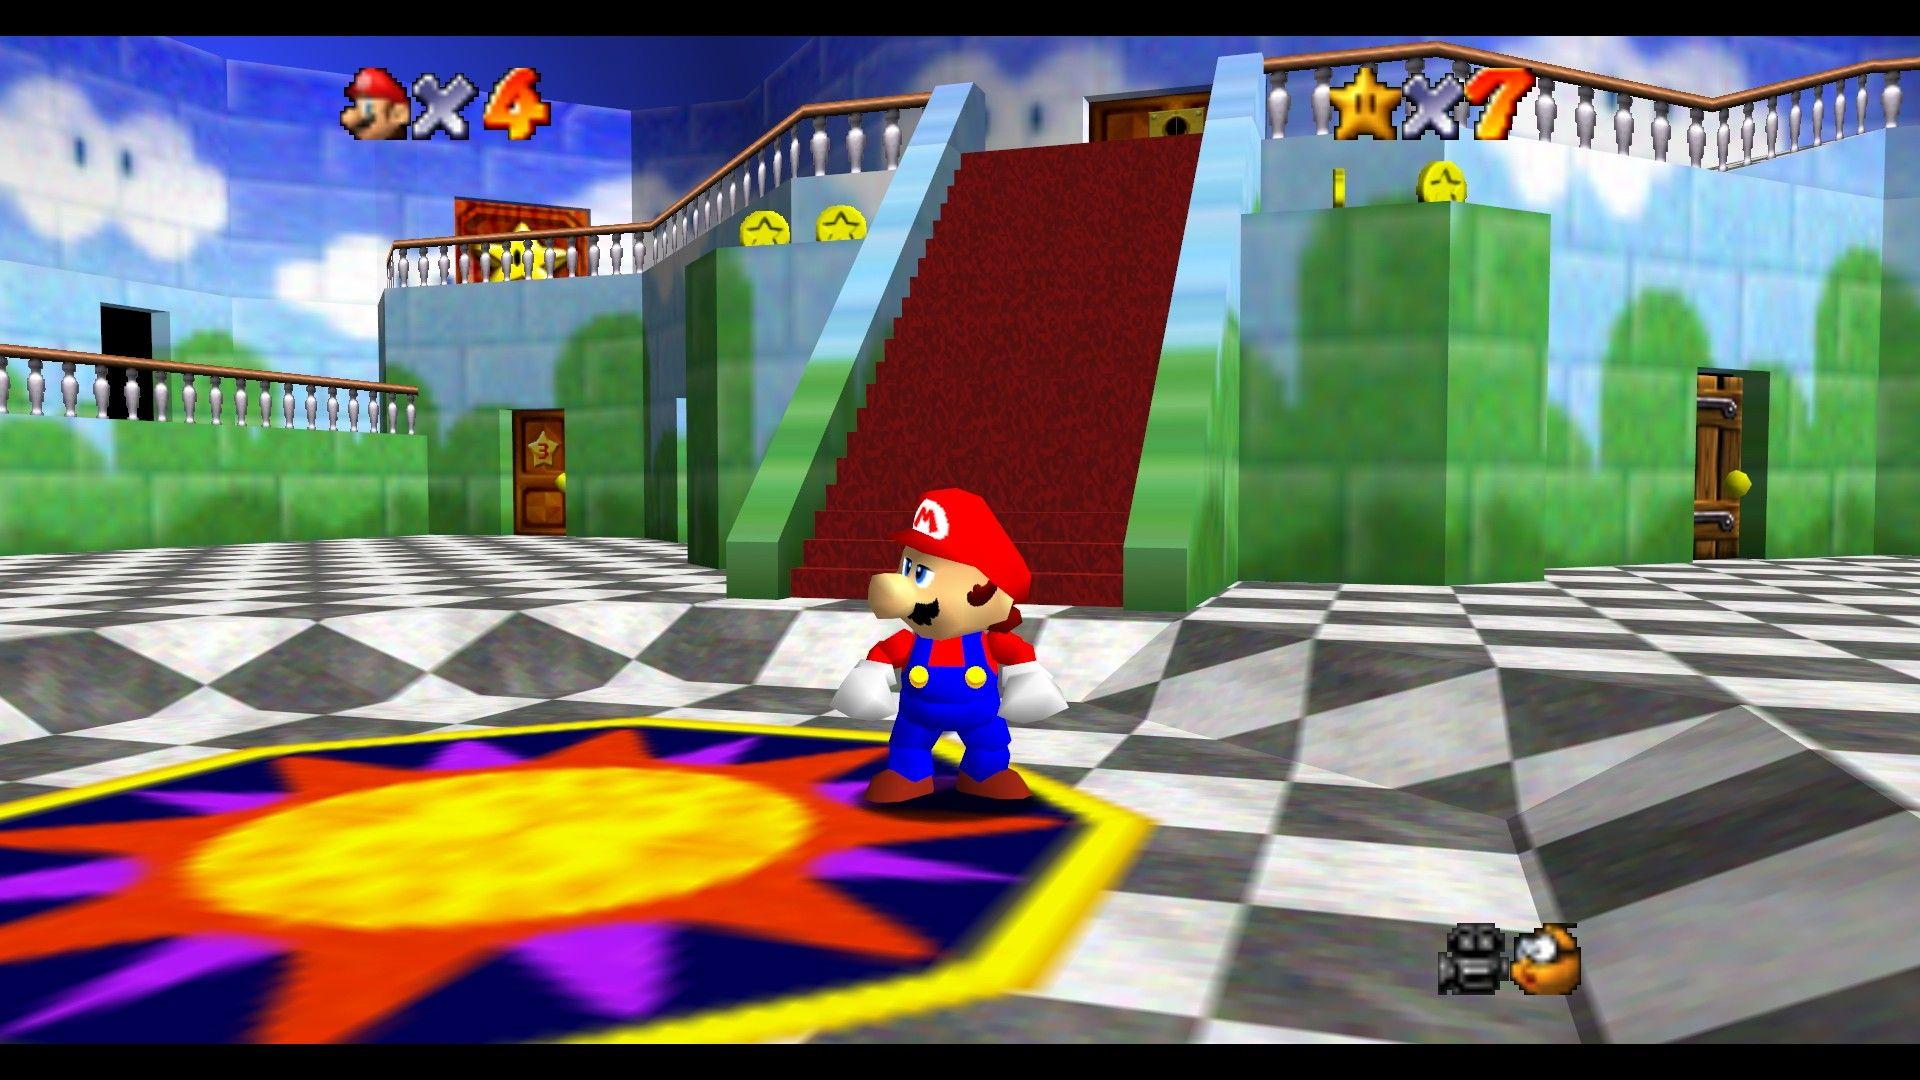 Super Mario 64 (Nintendo 64 1996)   Old nintendo games, Super mario 3d, Super mario